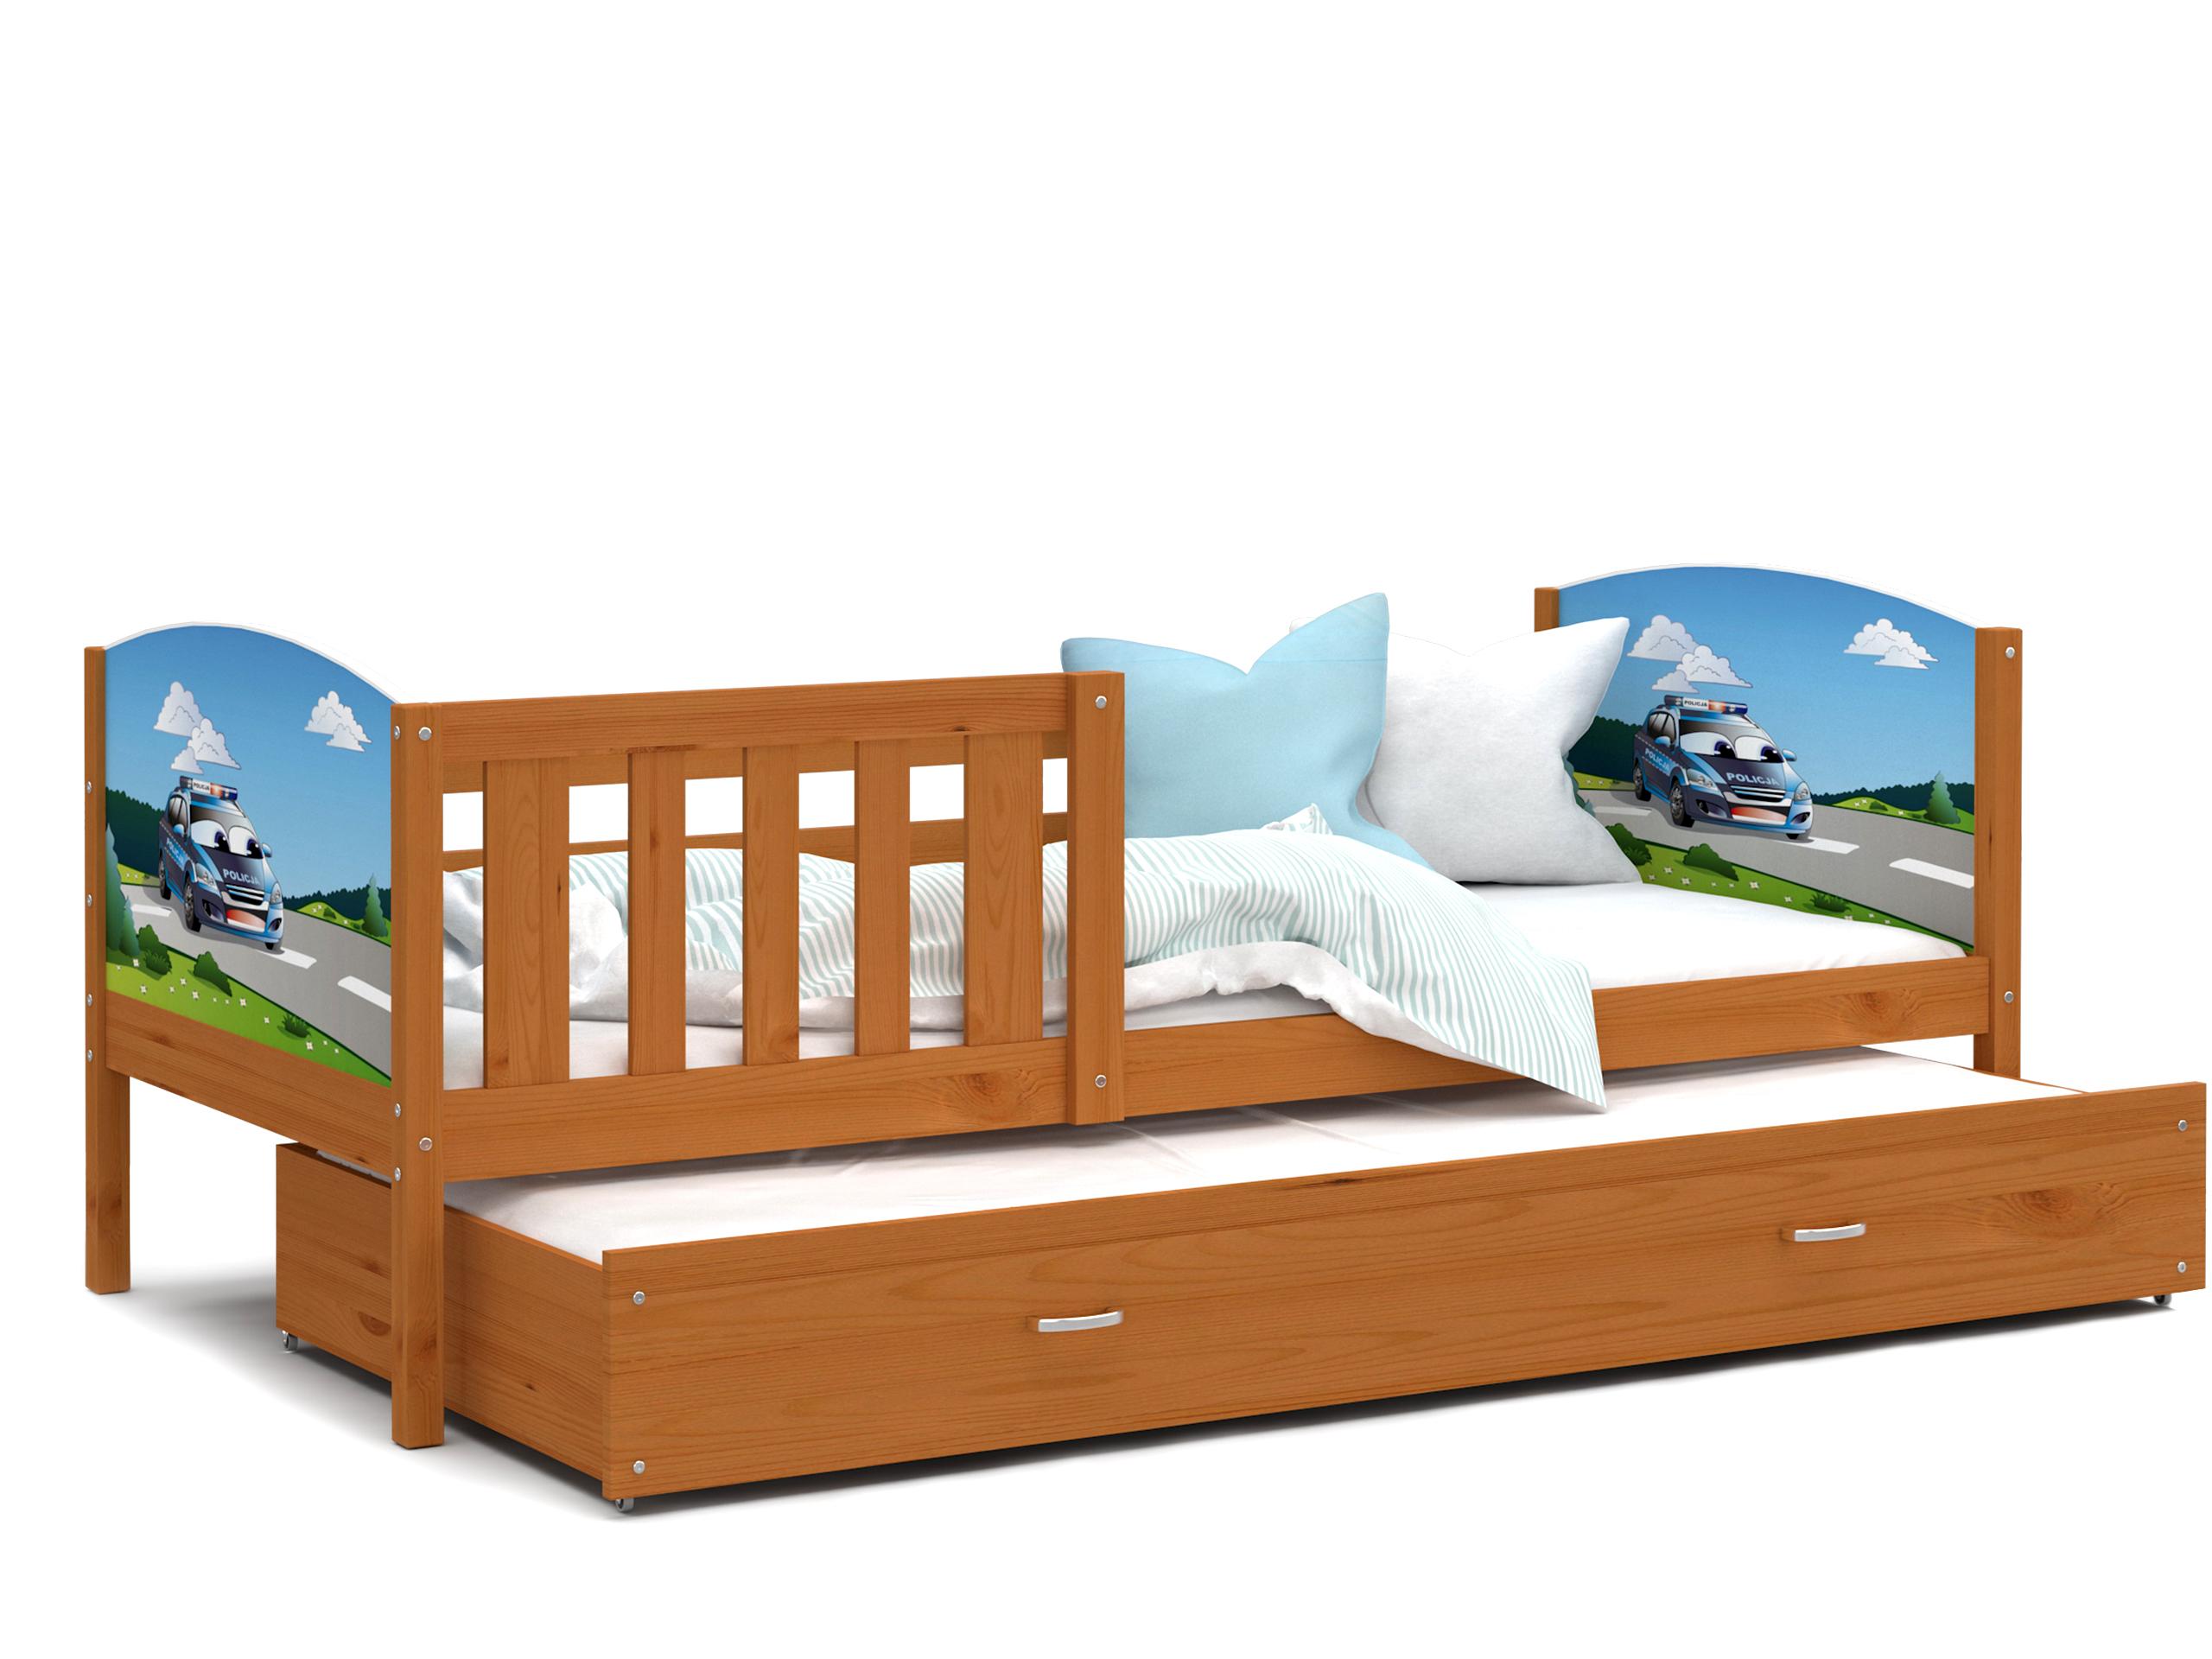 ArtAJ Detská posteľ Tami P2 / jelša Tami rozmer: 190 x 80 cm + prístelka 184 x 80 cm, s matracom